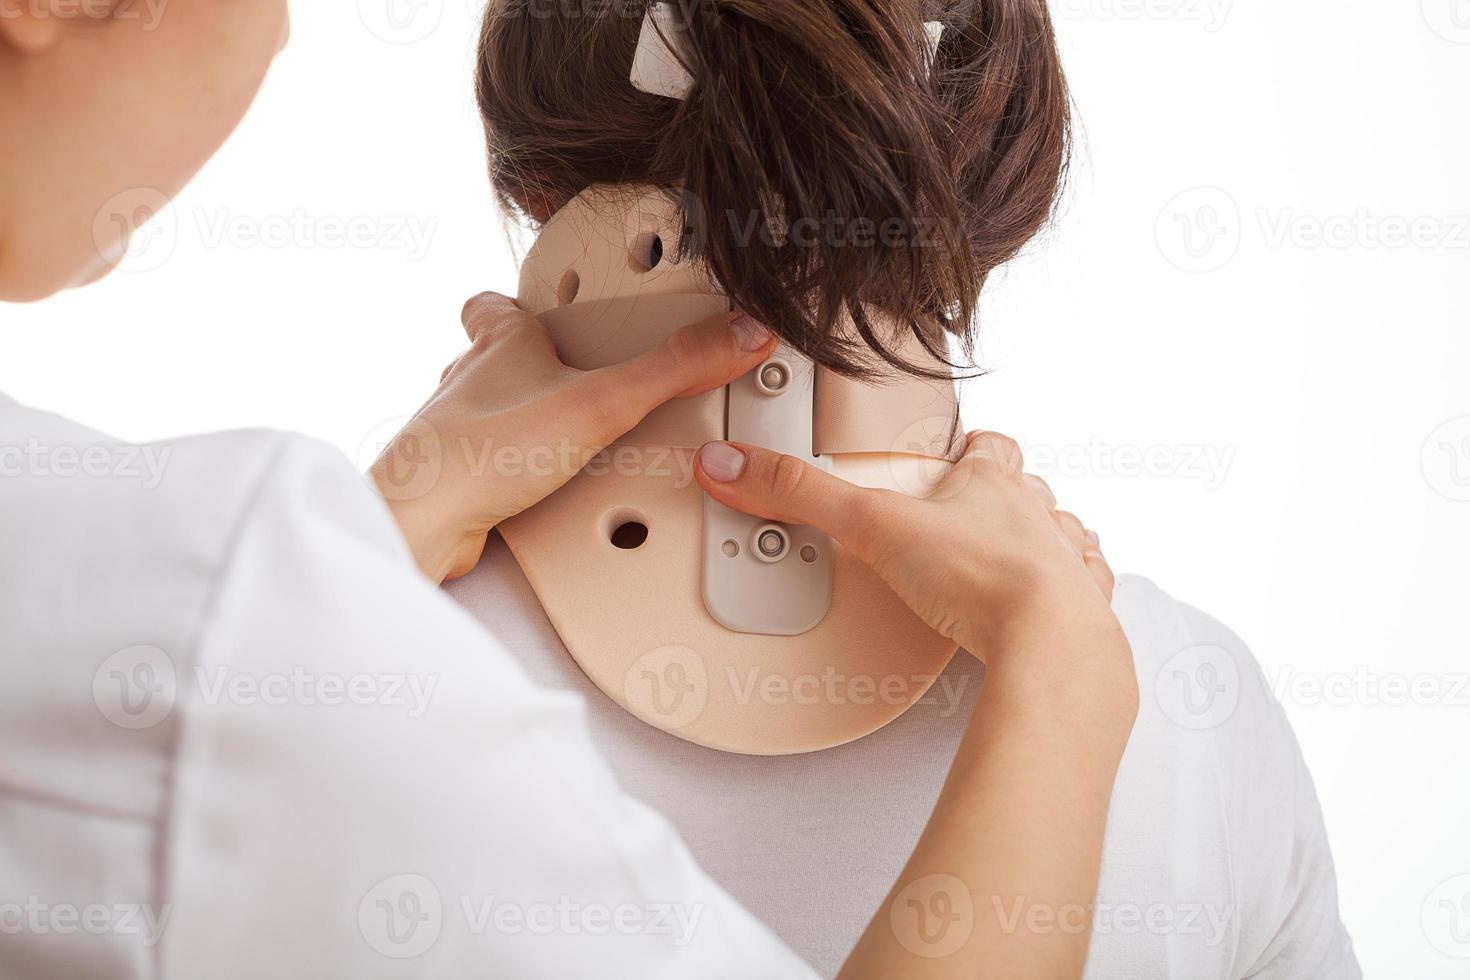 cervicale kraag foto